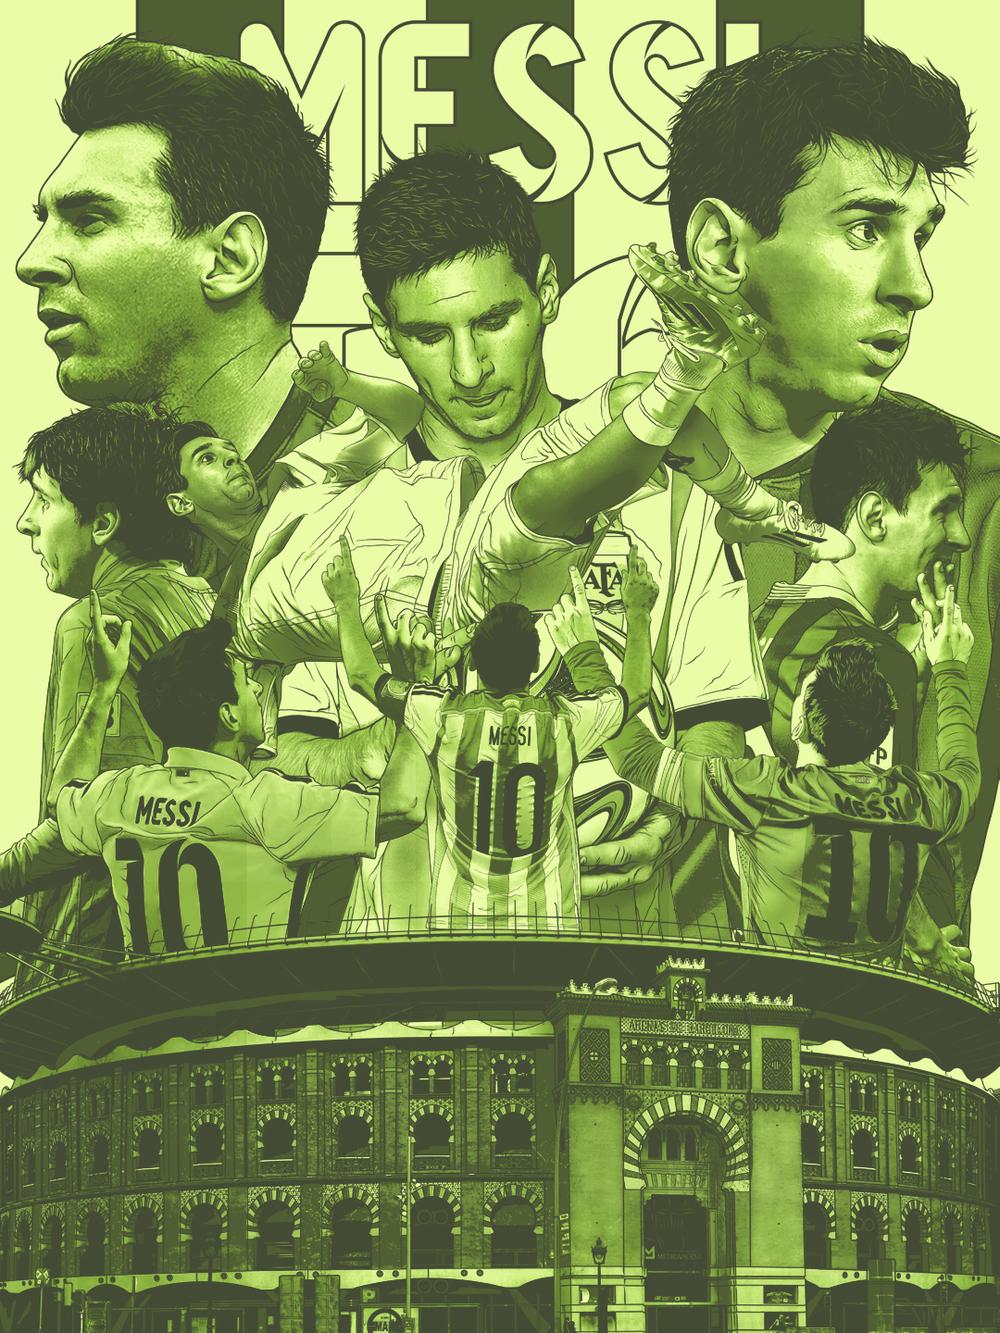 La-Casa-Que-Messi-Construyo-4-copy.jpg